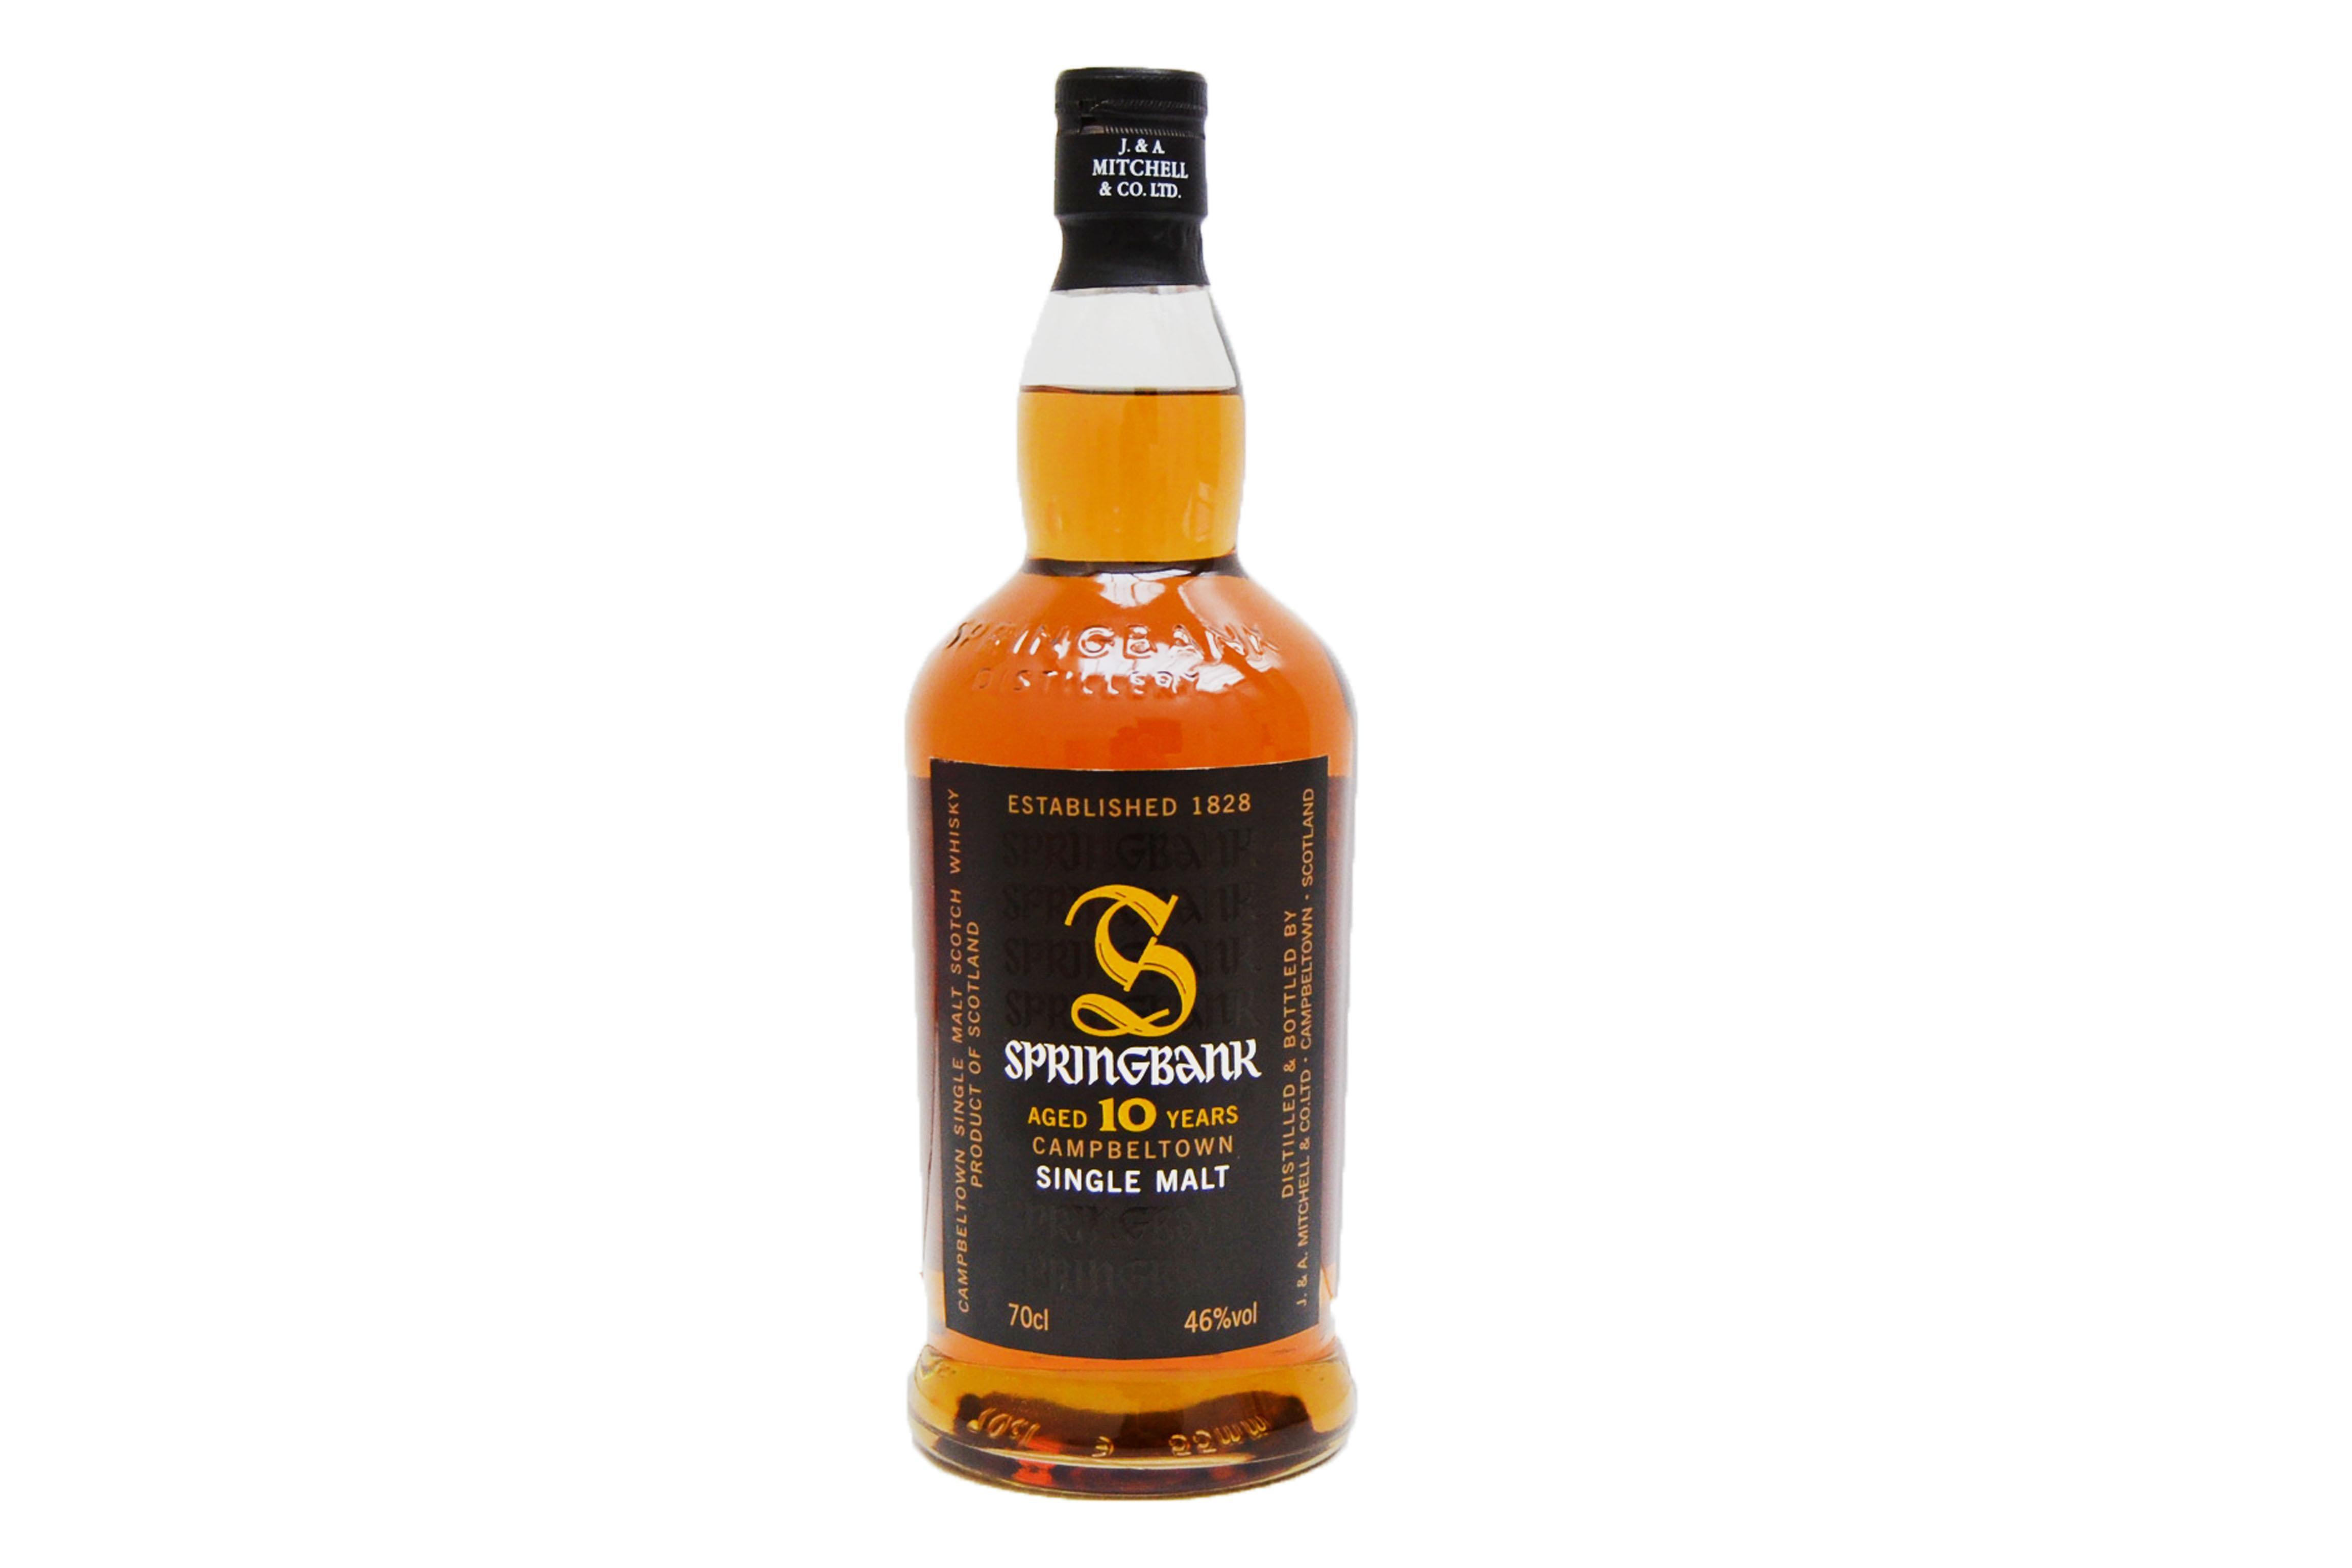 Springbank 10 Year 70cl 46% Campbeltown Single Malt Scotch Whisky